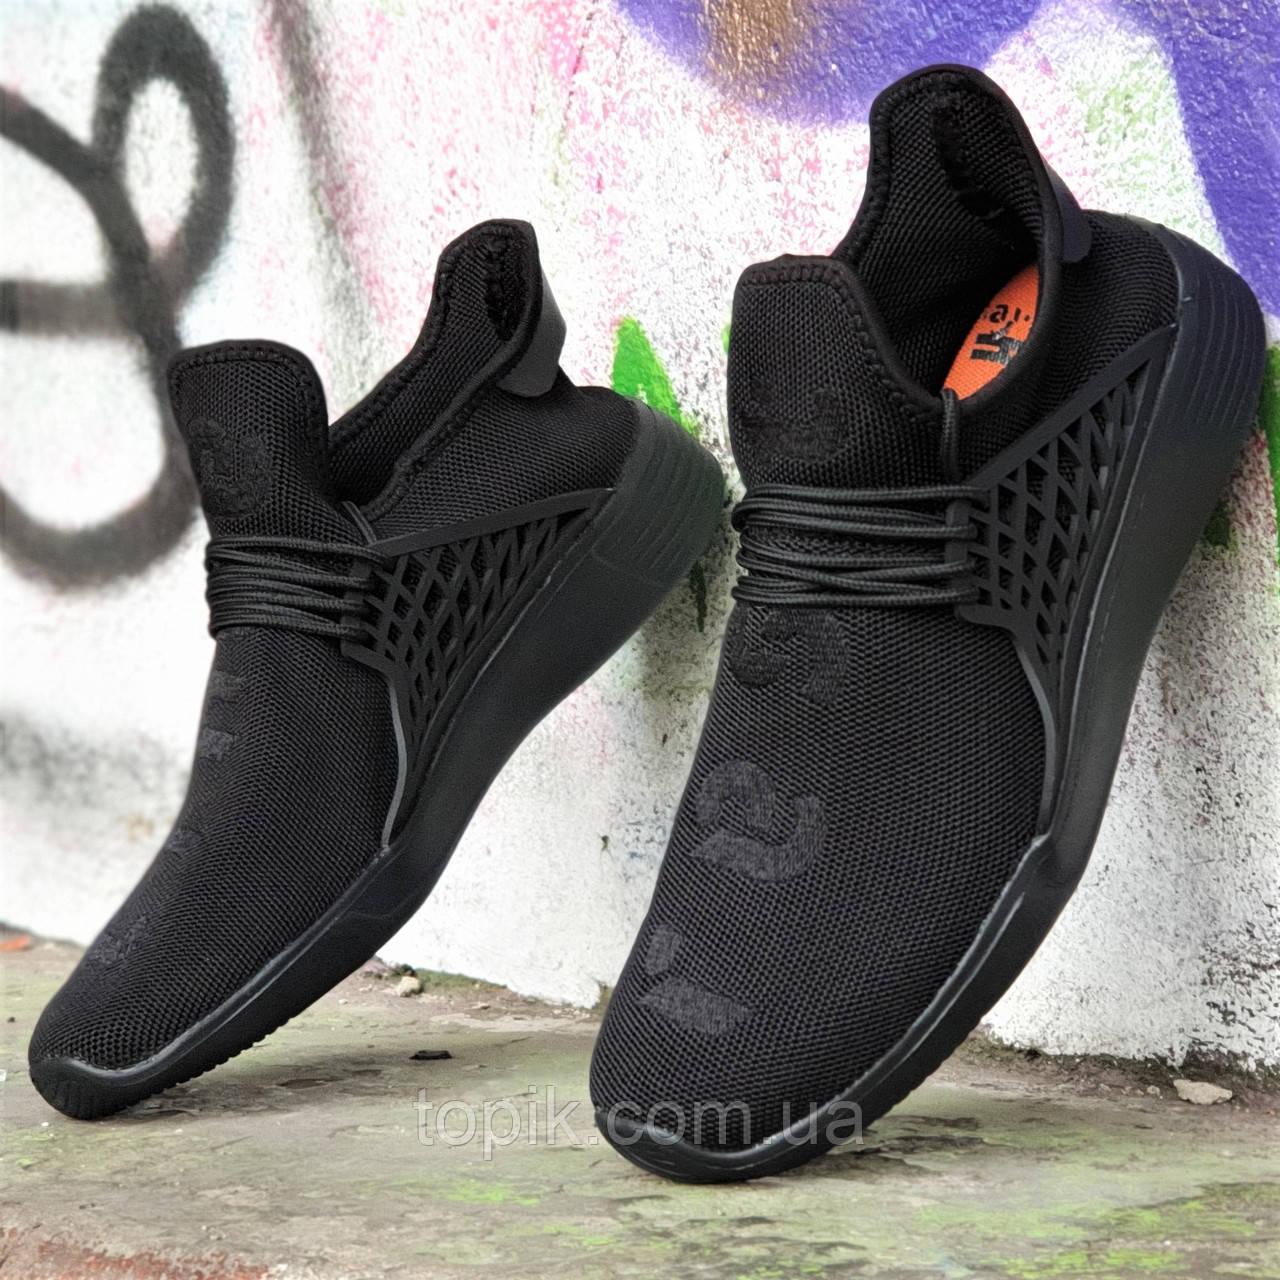 148b7fd2289 Мужские кроссовки летние (Код: 1383а): купить в интернет-магазине ...